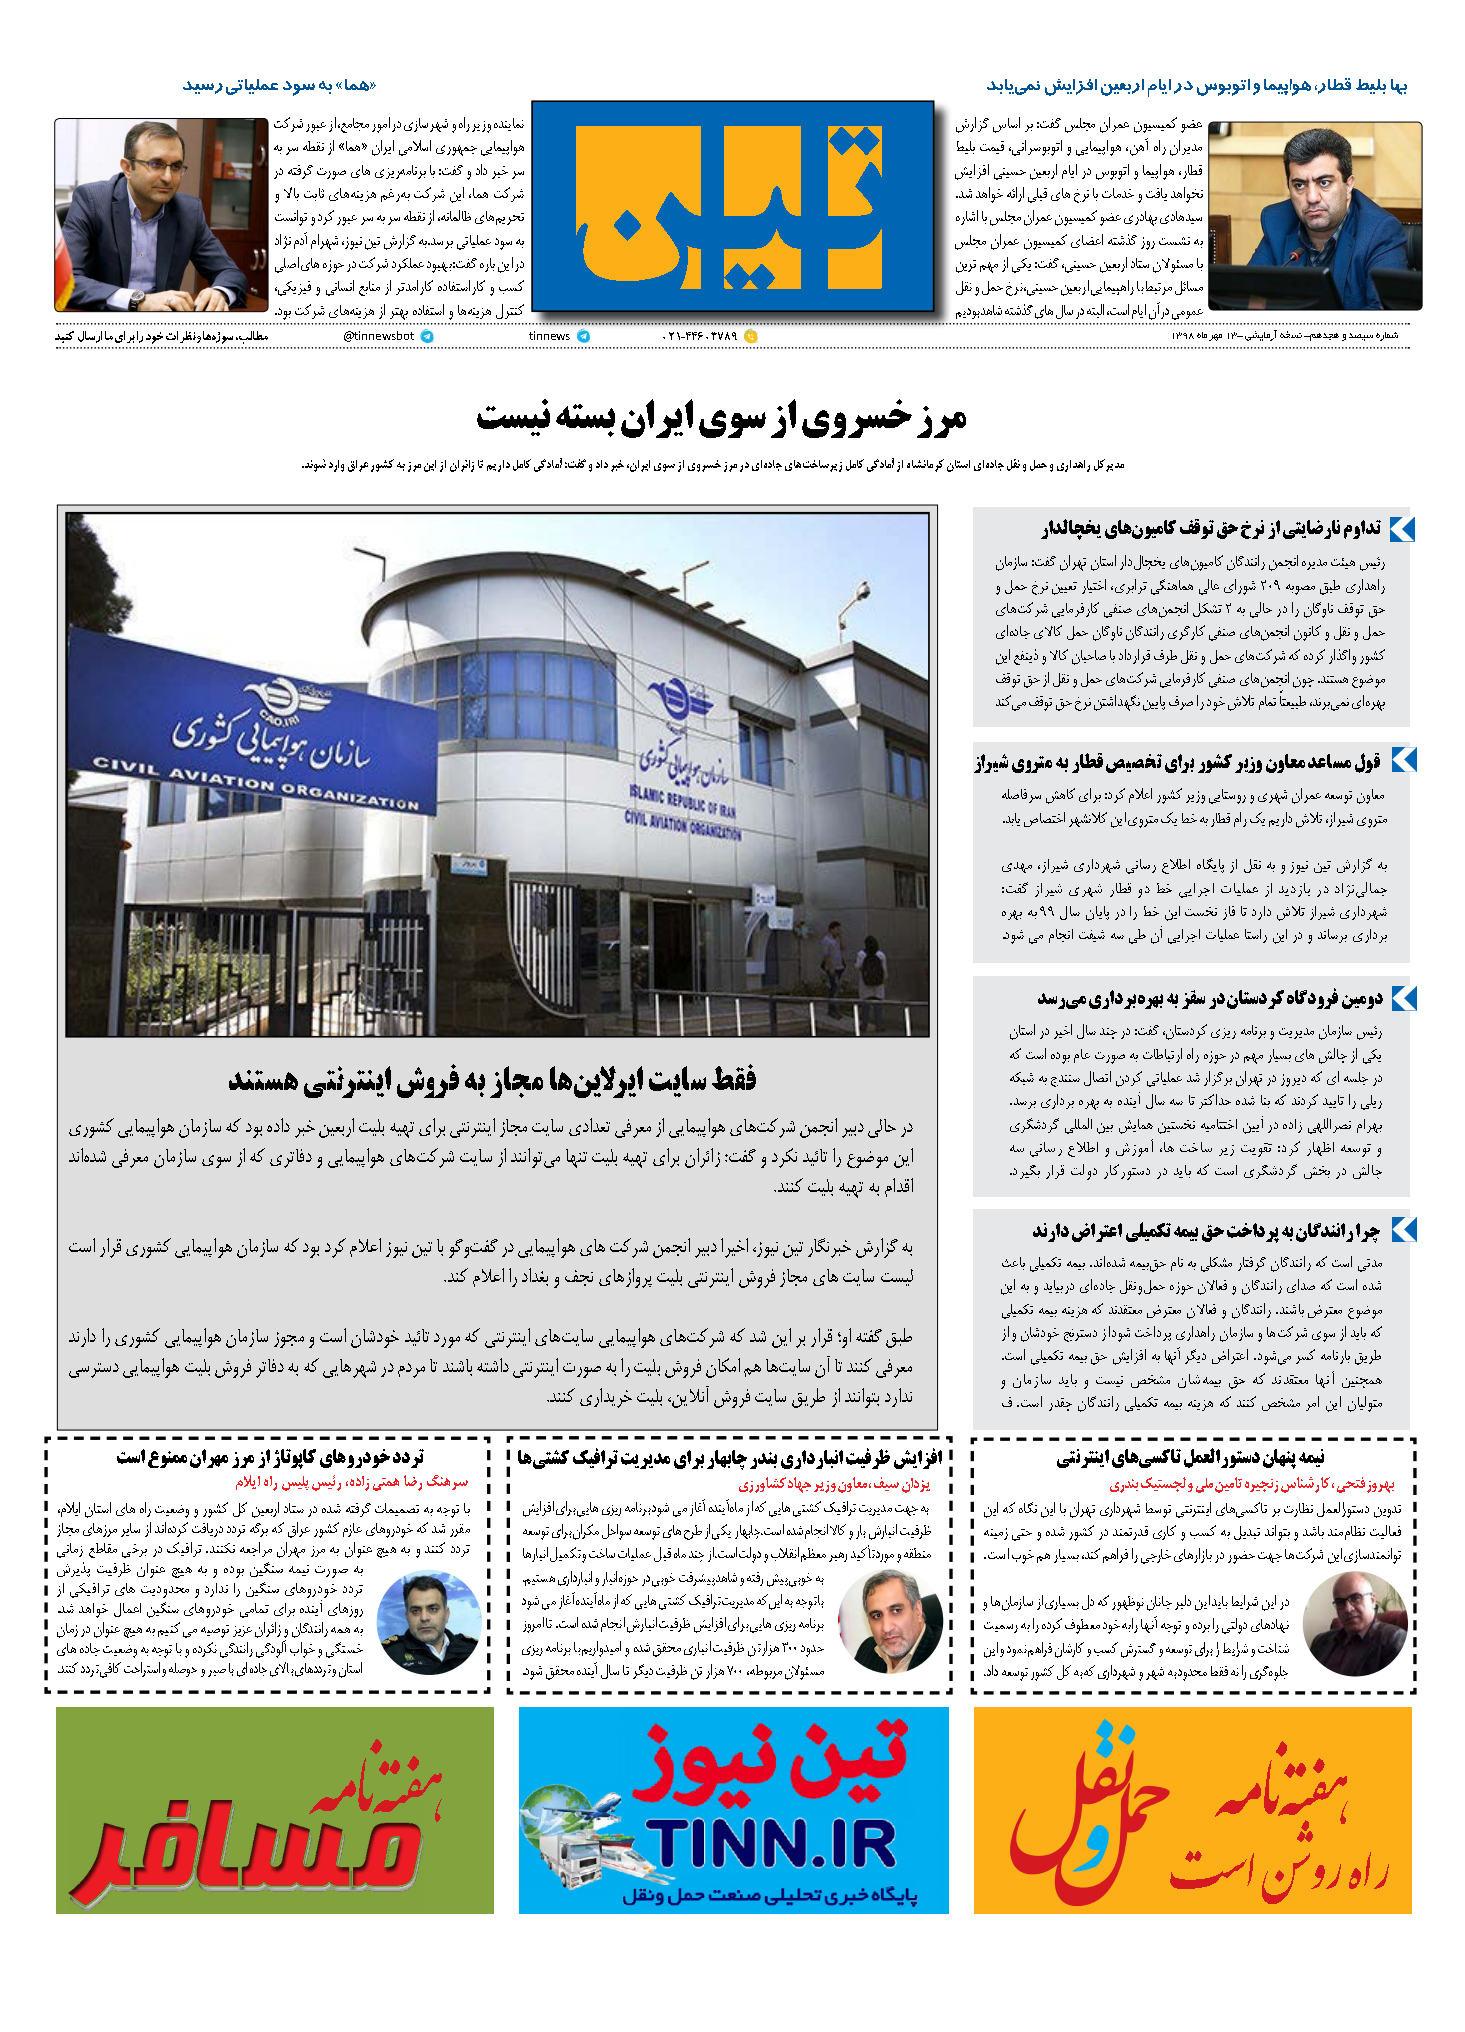 روزنامه الکترونیک 13 مهرماه 98